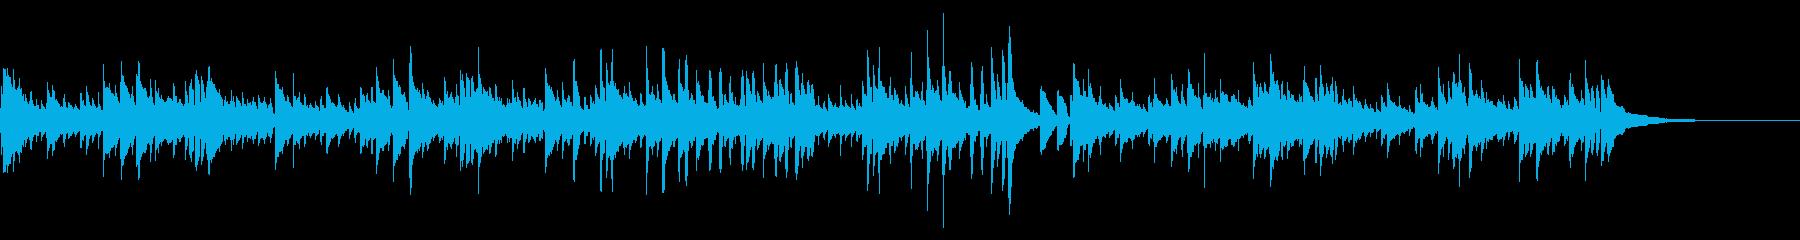 アコギ生音/ノスタルジック、秋の訪れの再生済みの波形